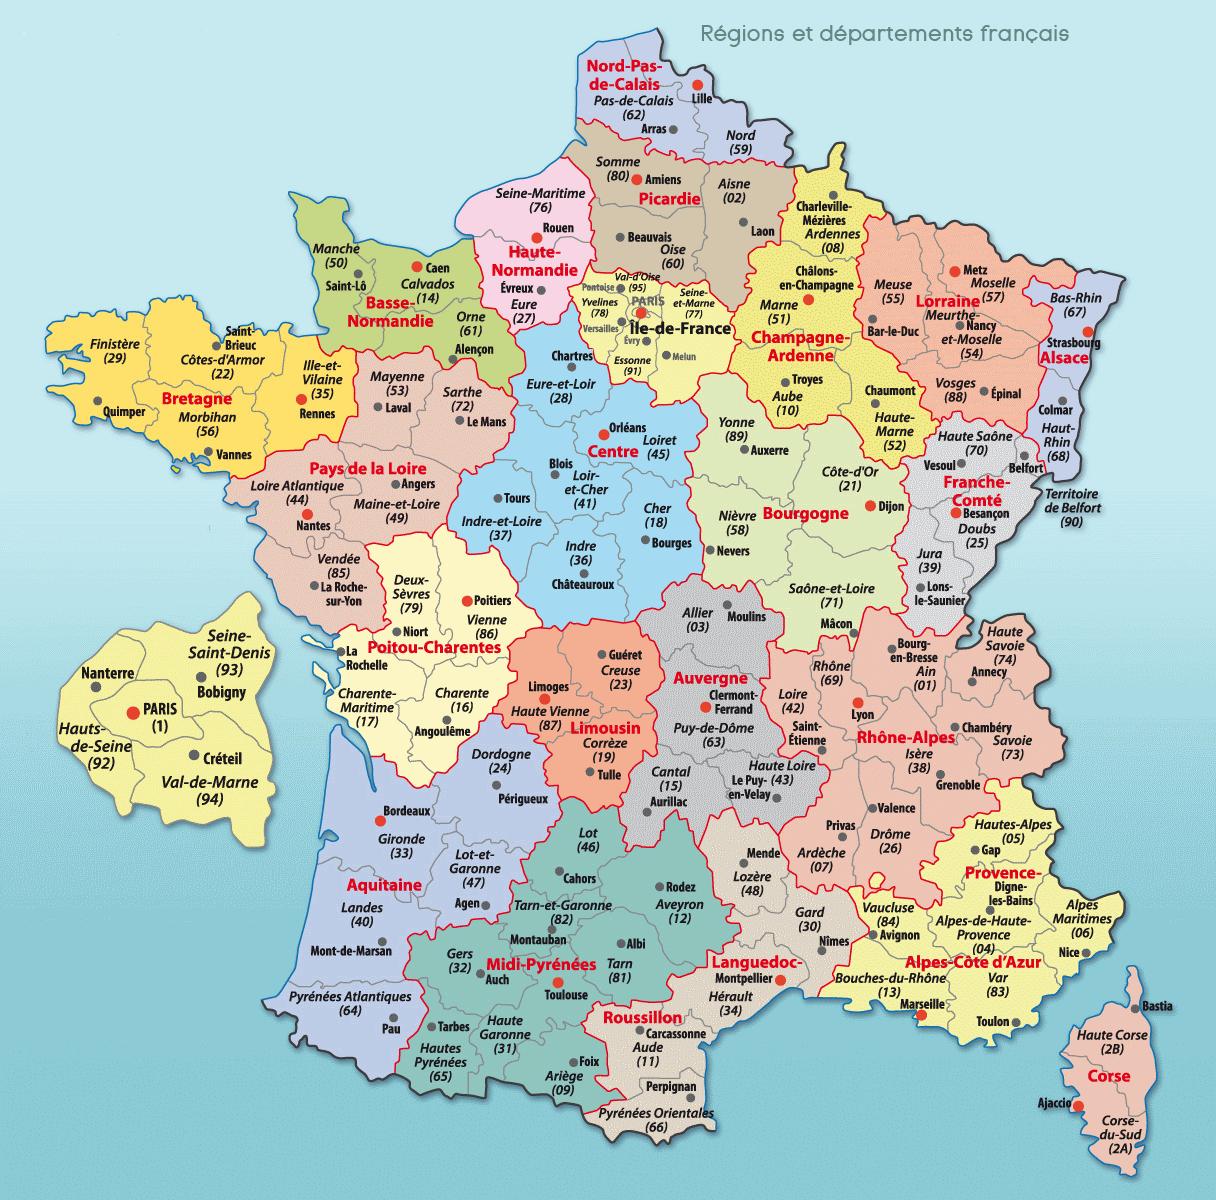 Carte France Villes : Carte Des Villes De France concernant Image Carte De France Avec Departement